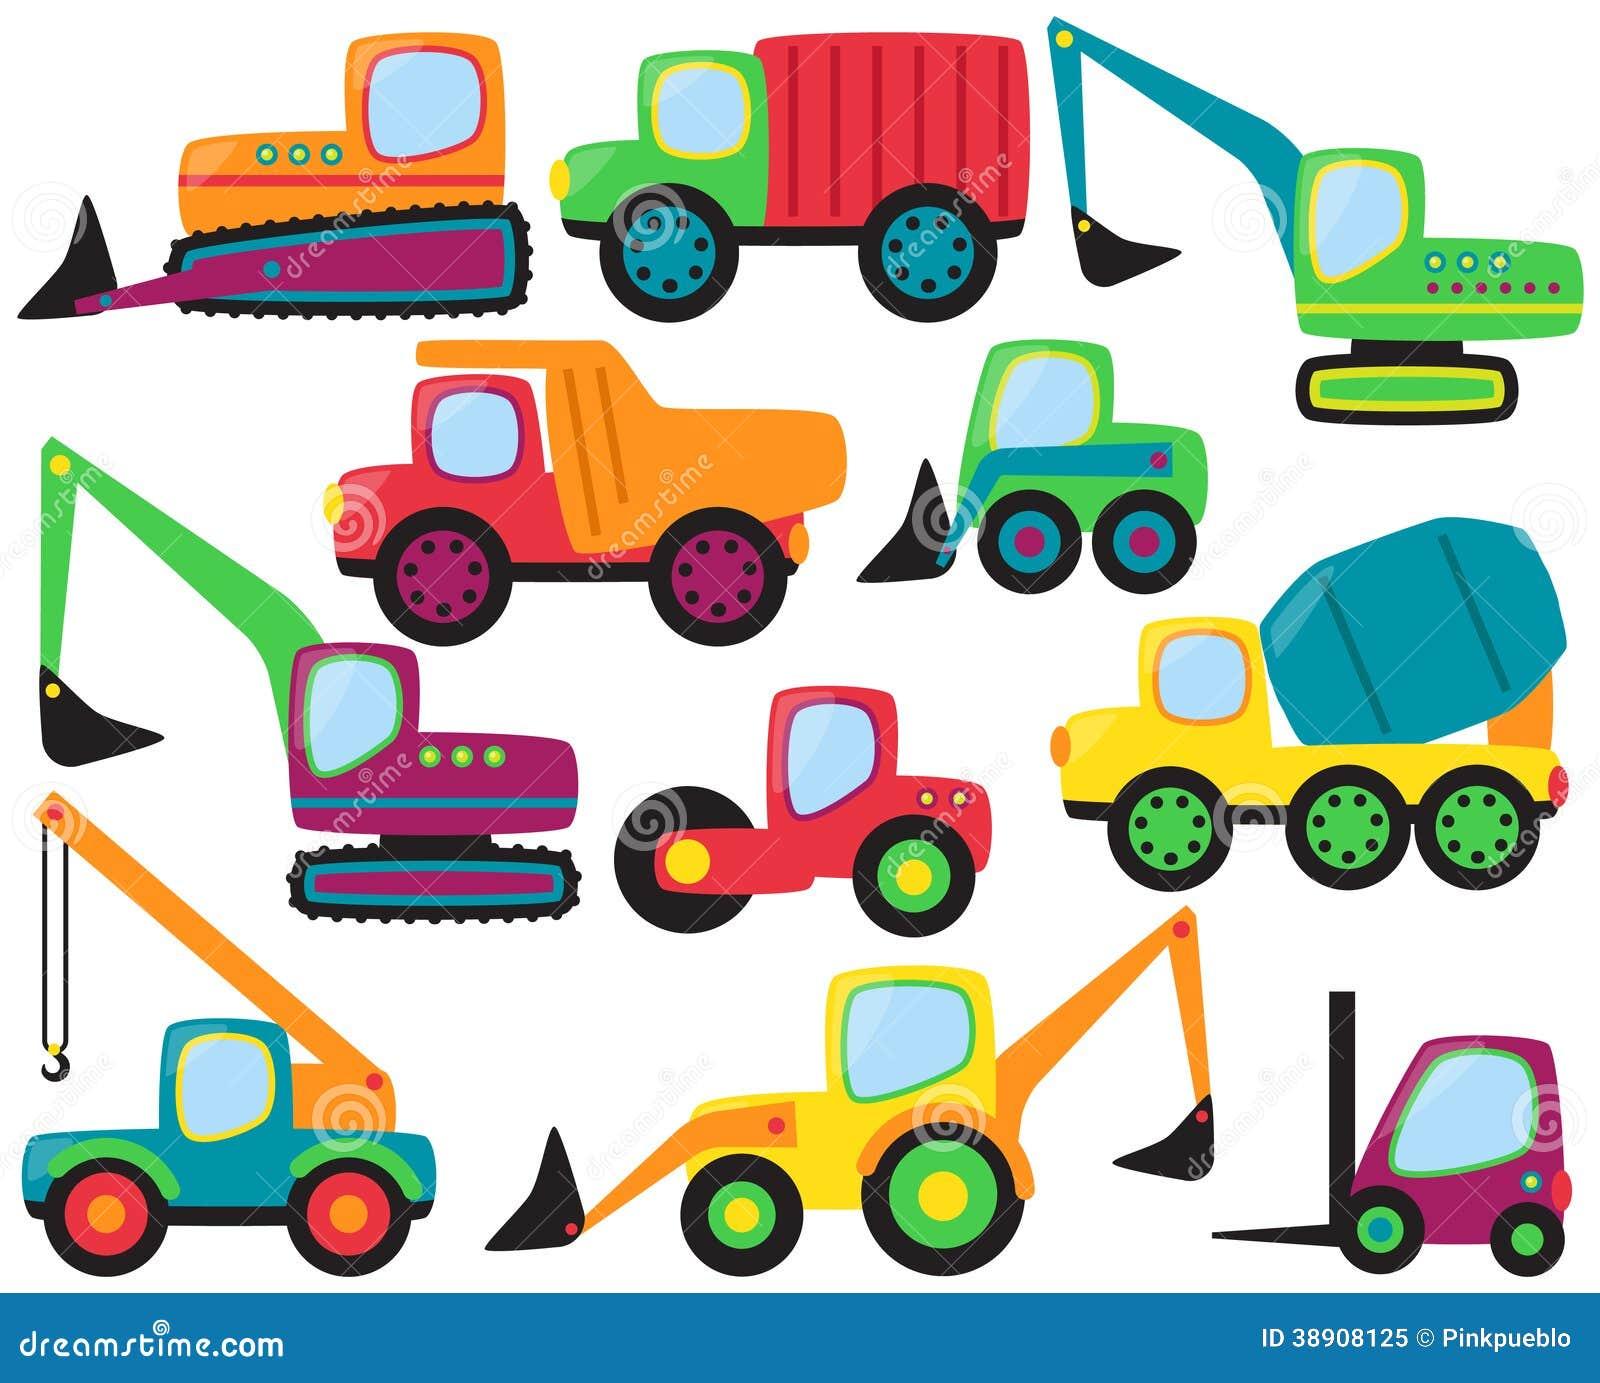 Sistema del vector de vehículos lindos de la construcción